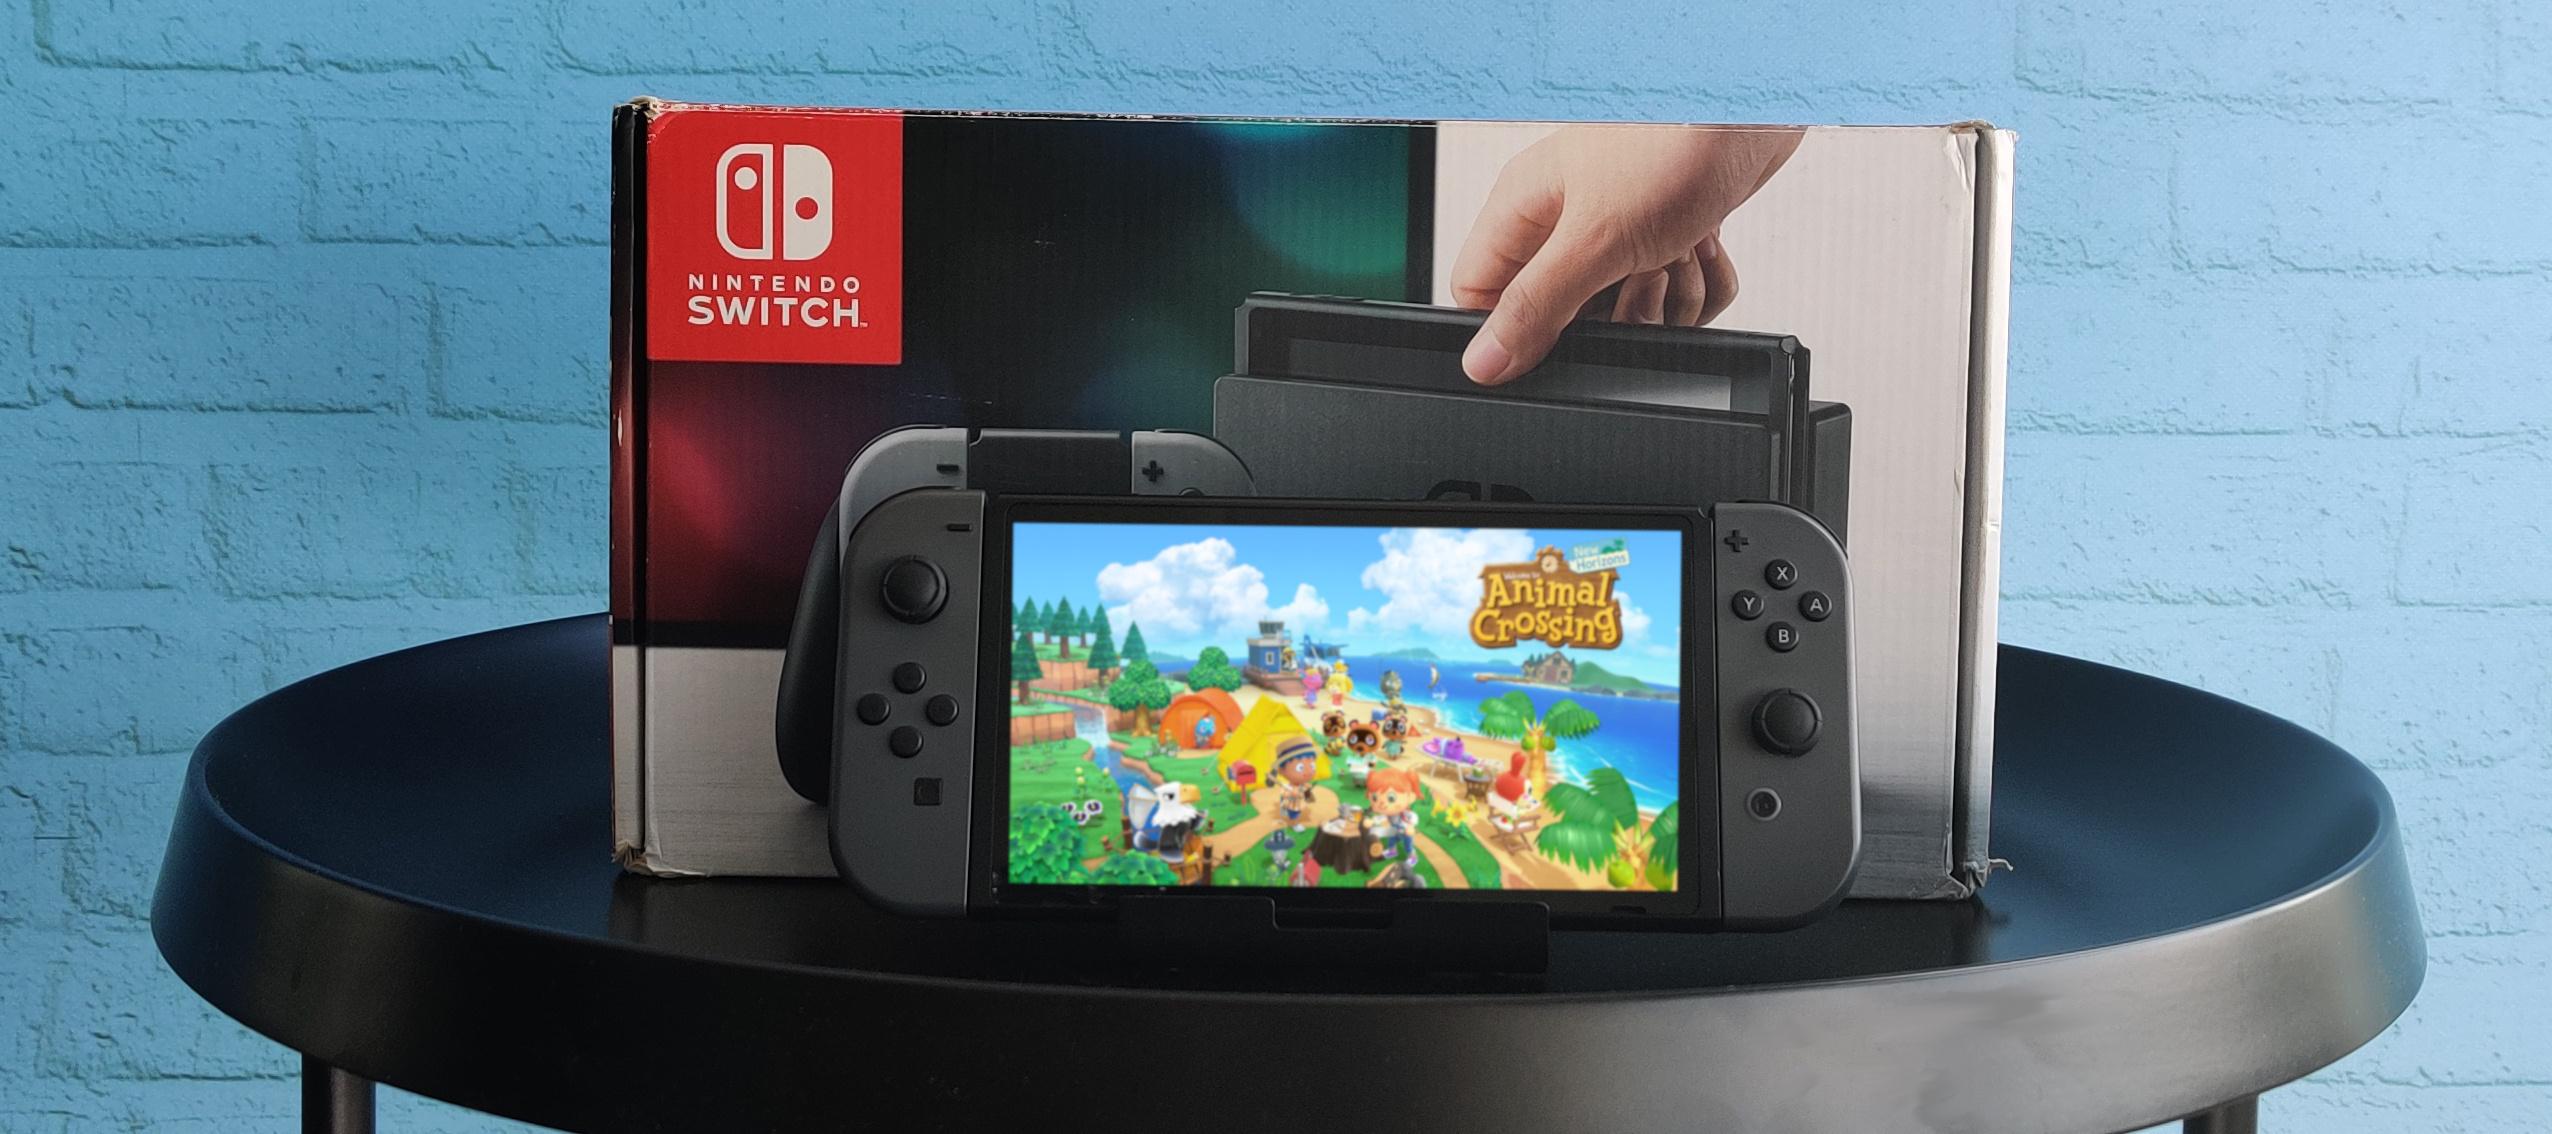 Nintendo Switch: Hier wird gezockt und getestet - jetzt bewerben